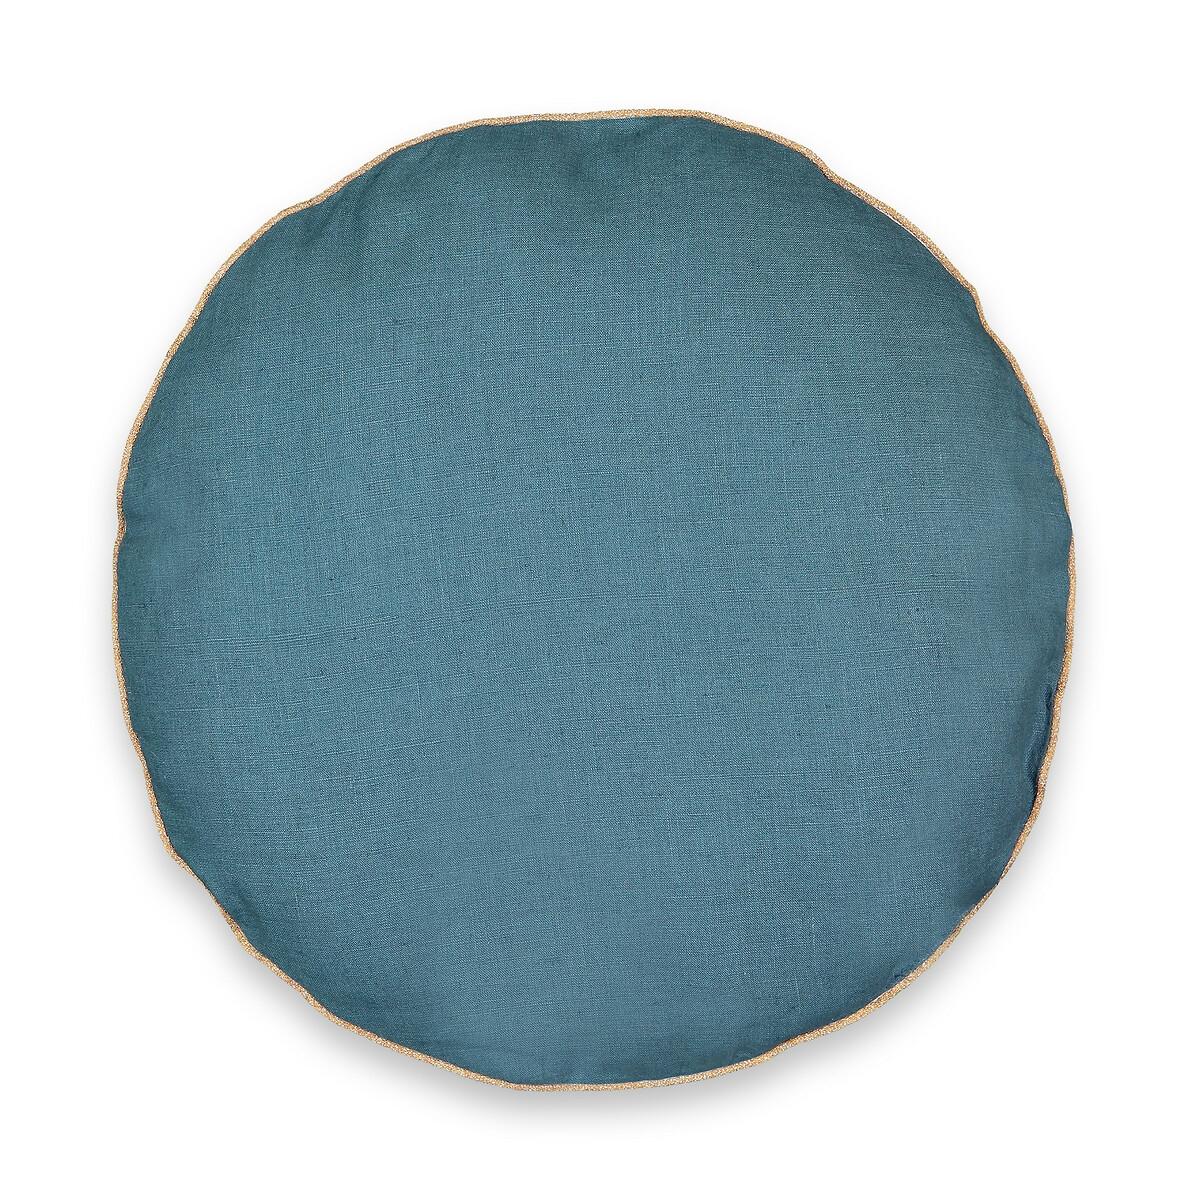 Фото - Подушка LaRedoute Круглая из стираного льна Onega диаметр 40 см синий простыня laredoute натяжная из стираного льна elina для толстых матрасов 160 x 200 см синий